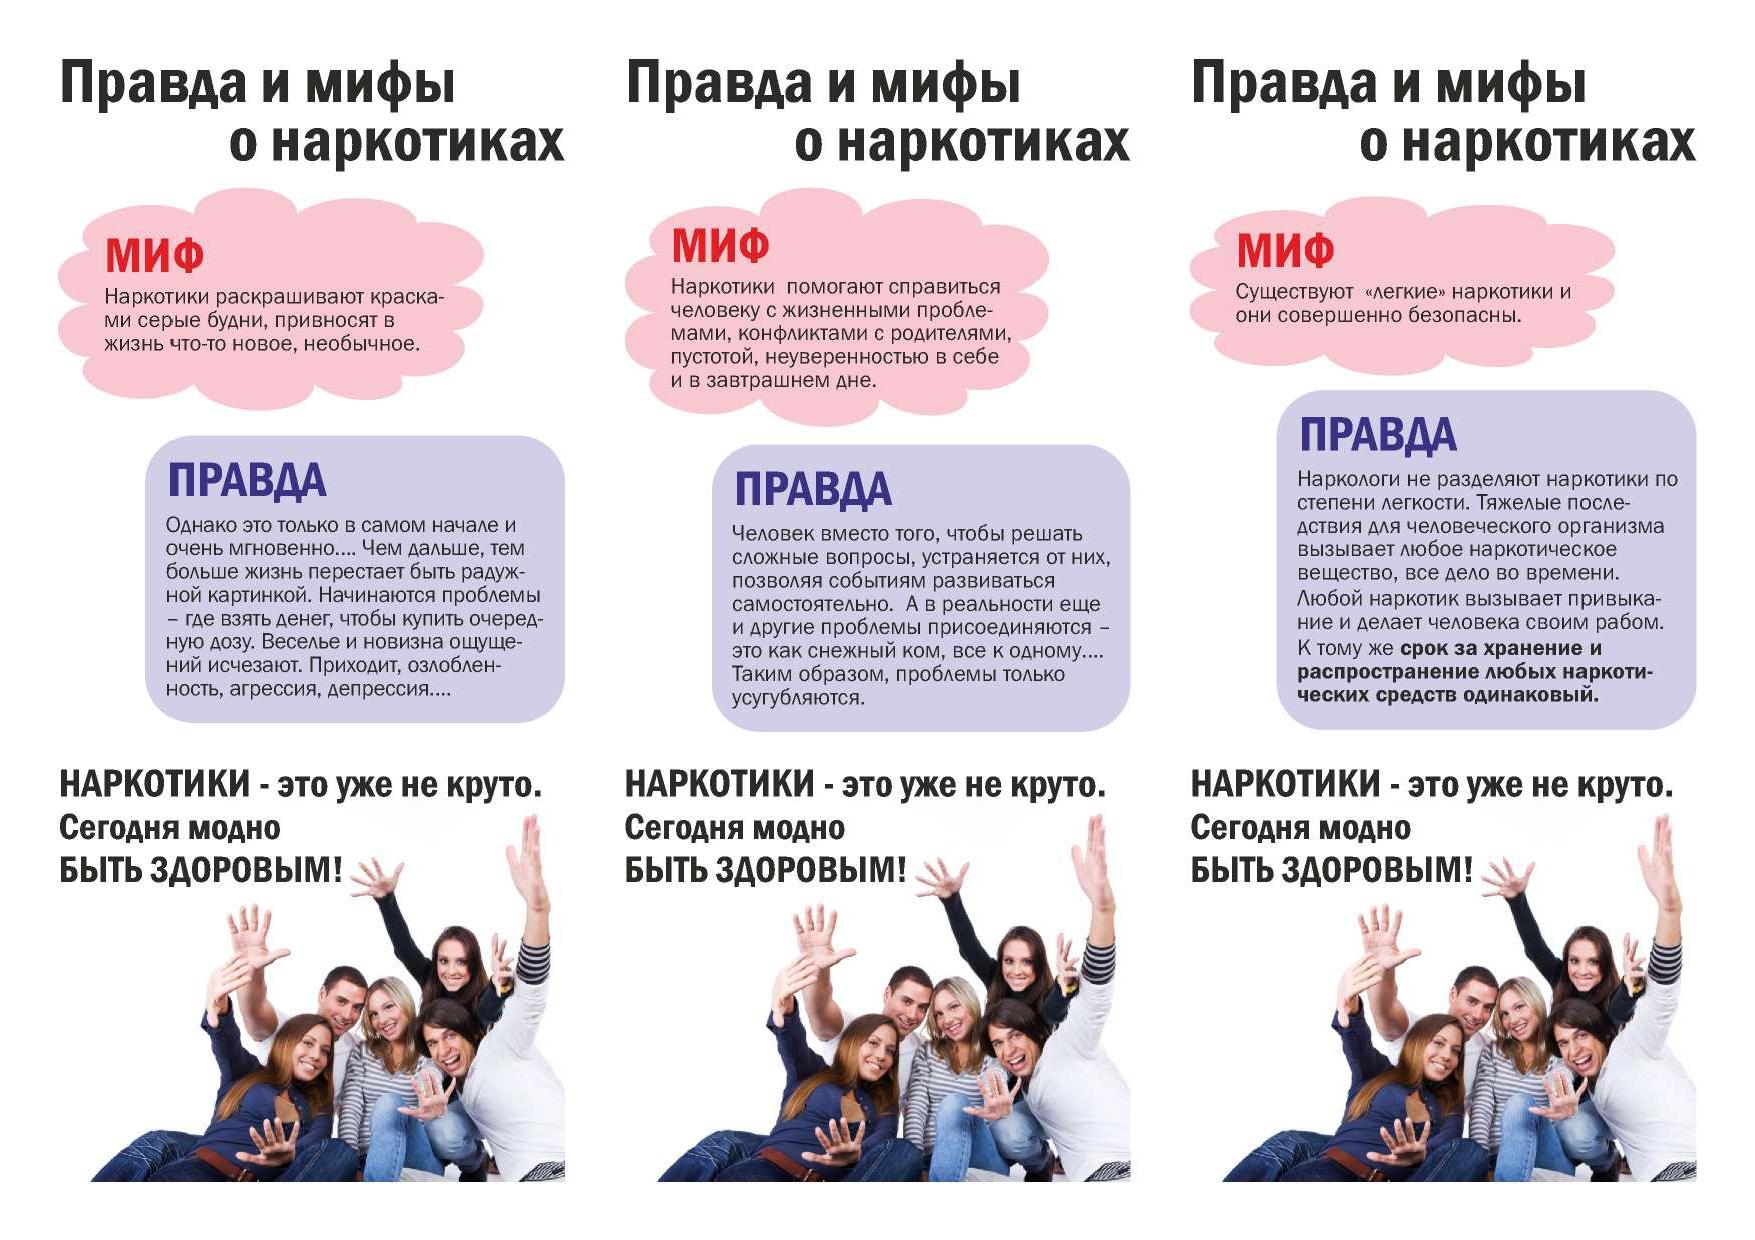 Pravda_i_mify_page-0001